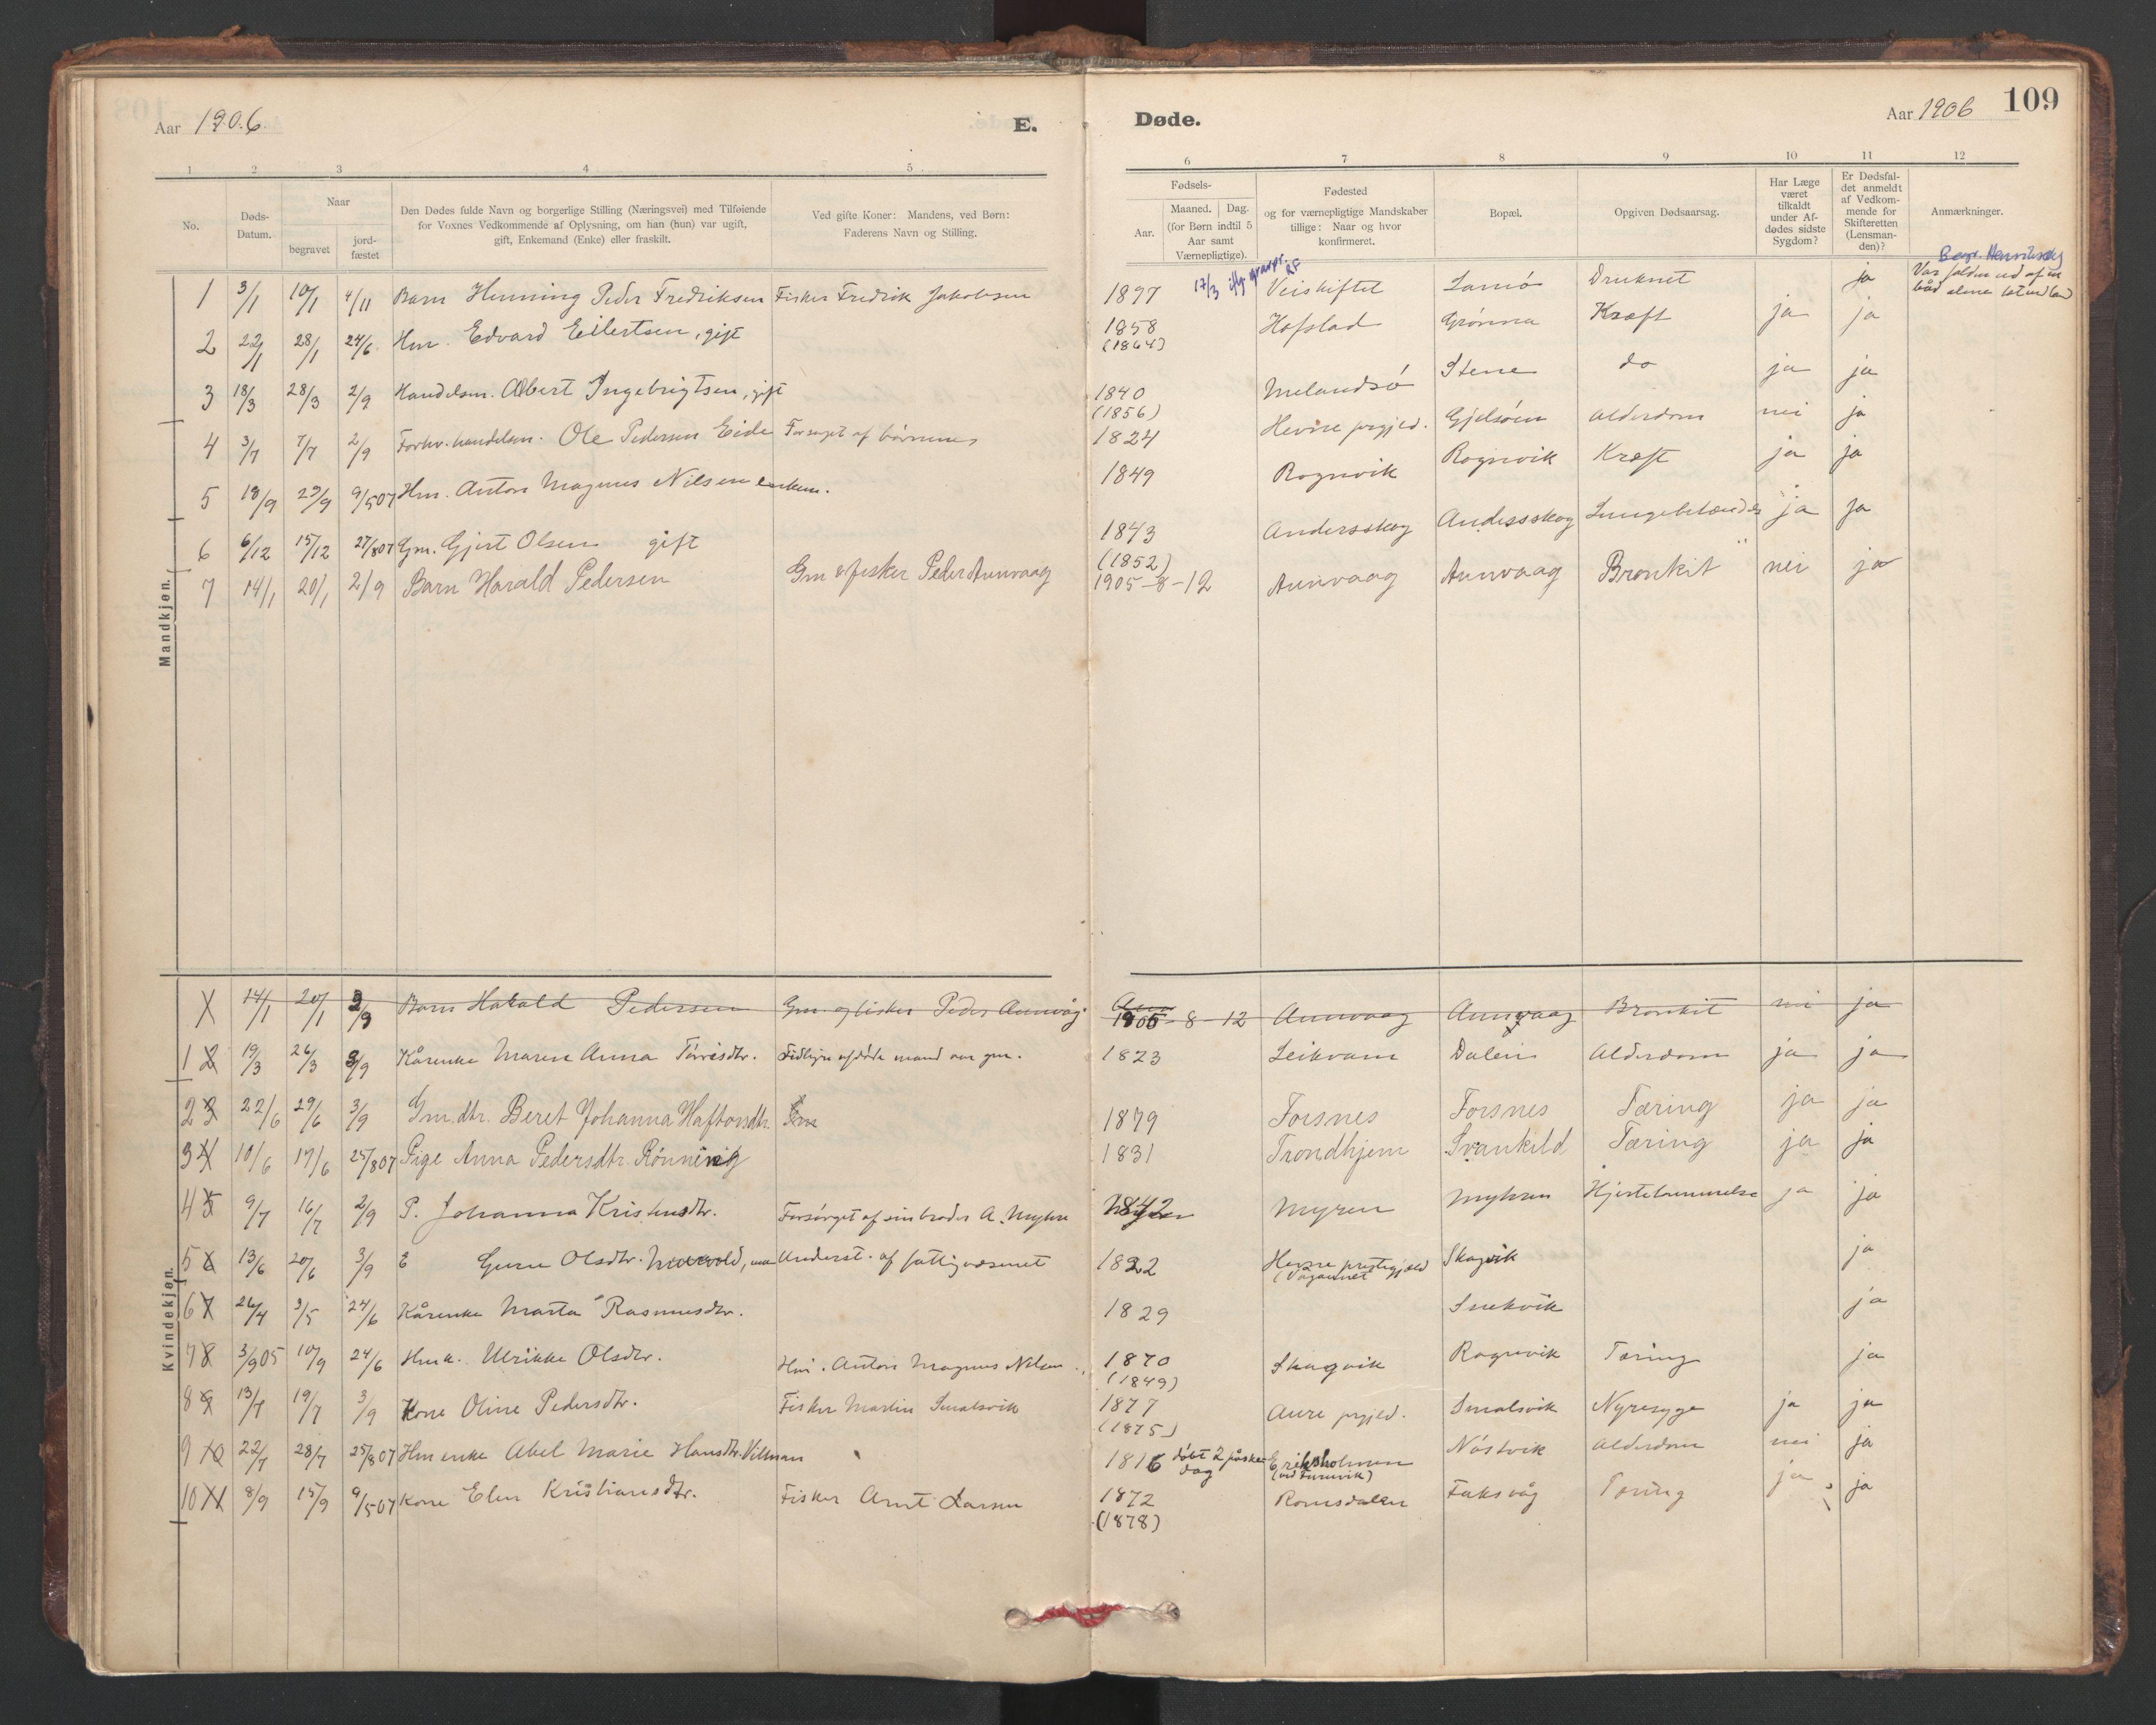 SAT, Ministerialprotokoller, klokkerbøker og fødselsregistre - Sør-Trøndelag, 635/L0552: Ministerialbok nr. 635A02, 1899-1919, s. 109